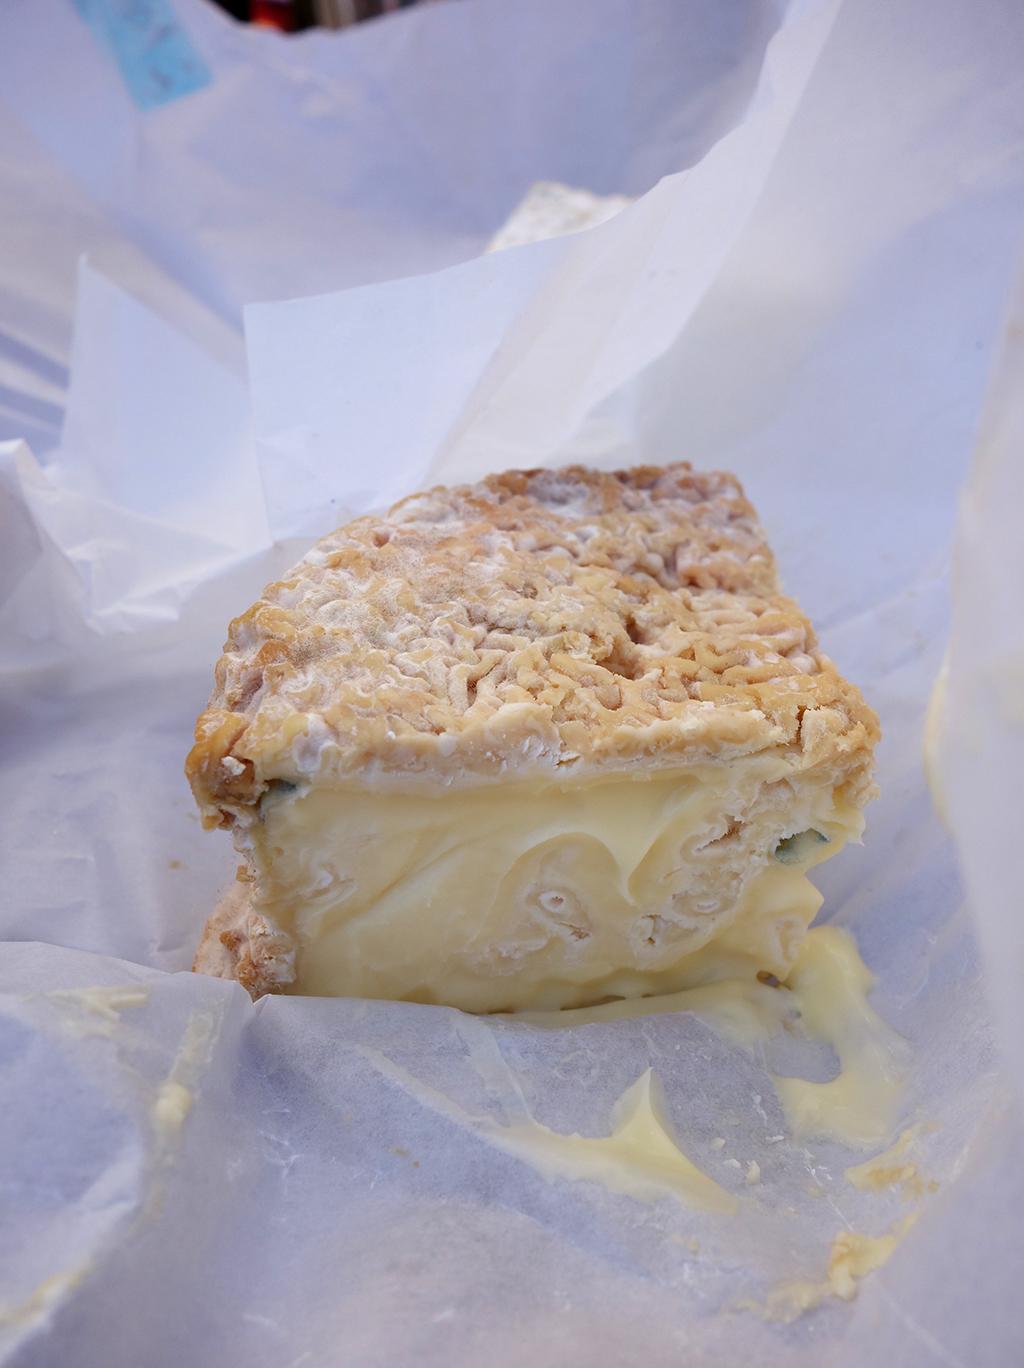 Bohemian creamery Water Buffalo Cheese